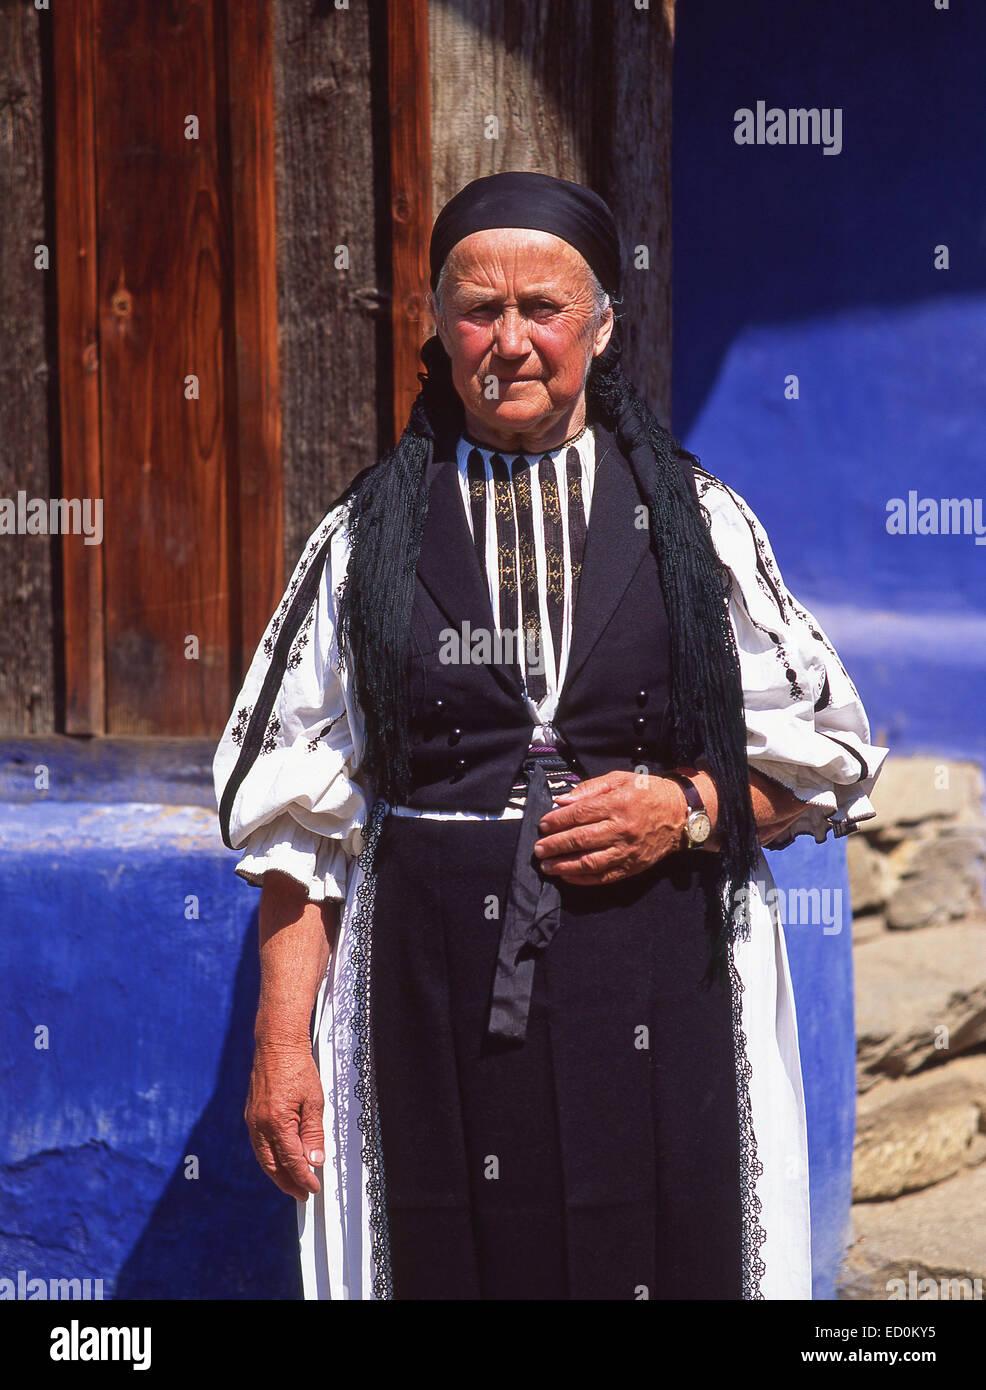 Anciana con traje tradicional, Hargita Pöltinis, Condado, Centru (Transilvania) Región, Rumania Foto de stock